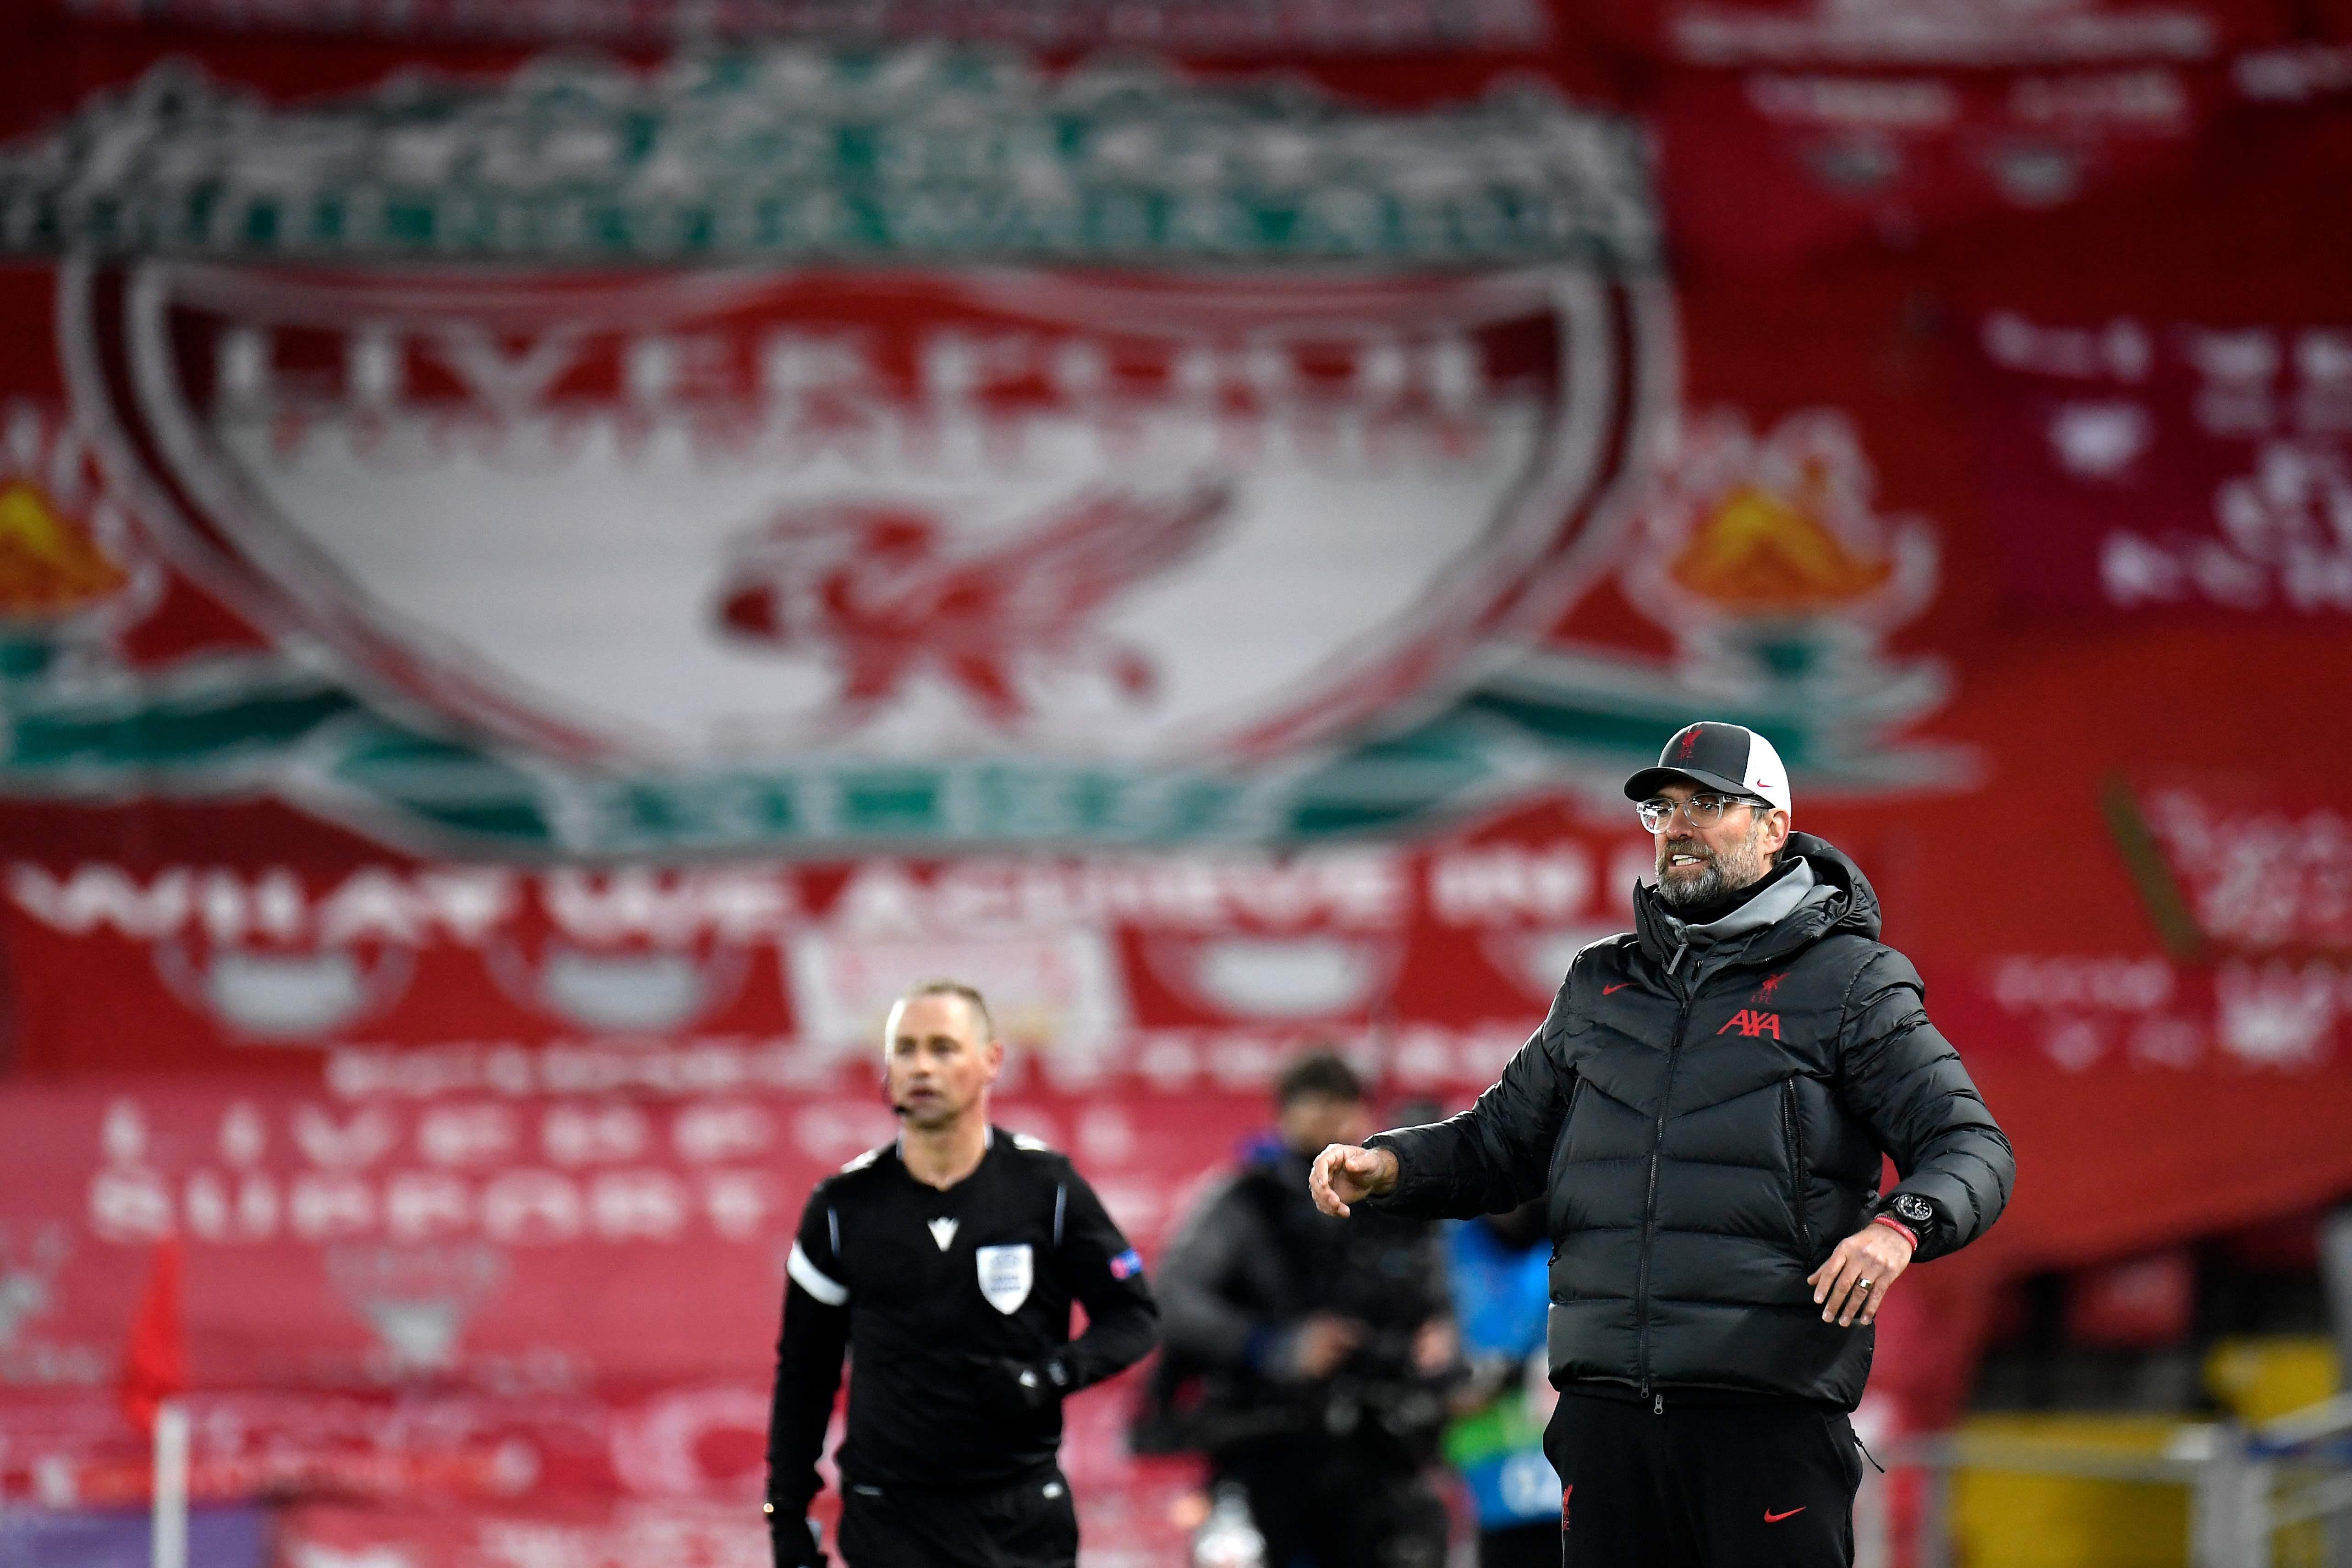 Champions League: Liverpool empfängt Midtjylland doch nicht in Dortmund